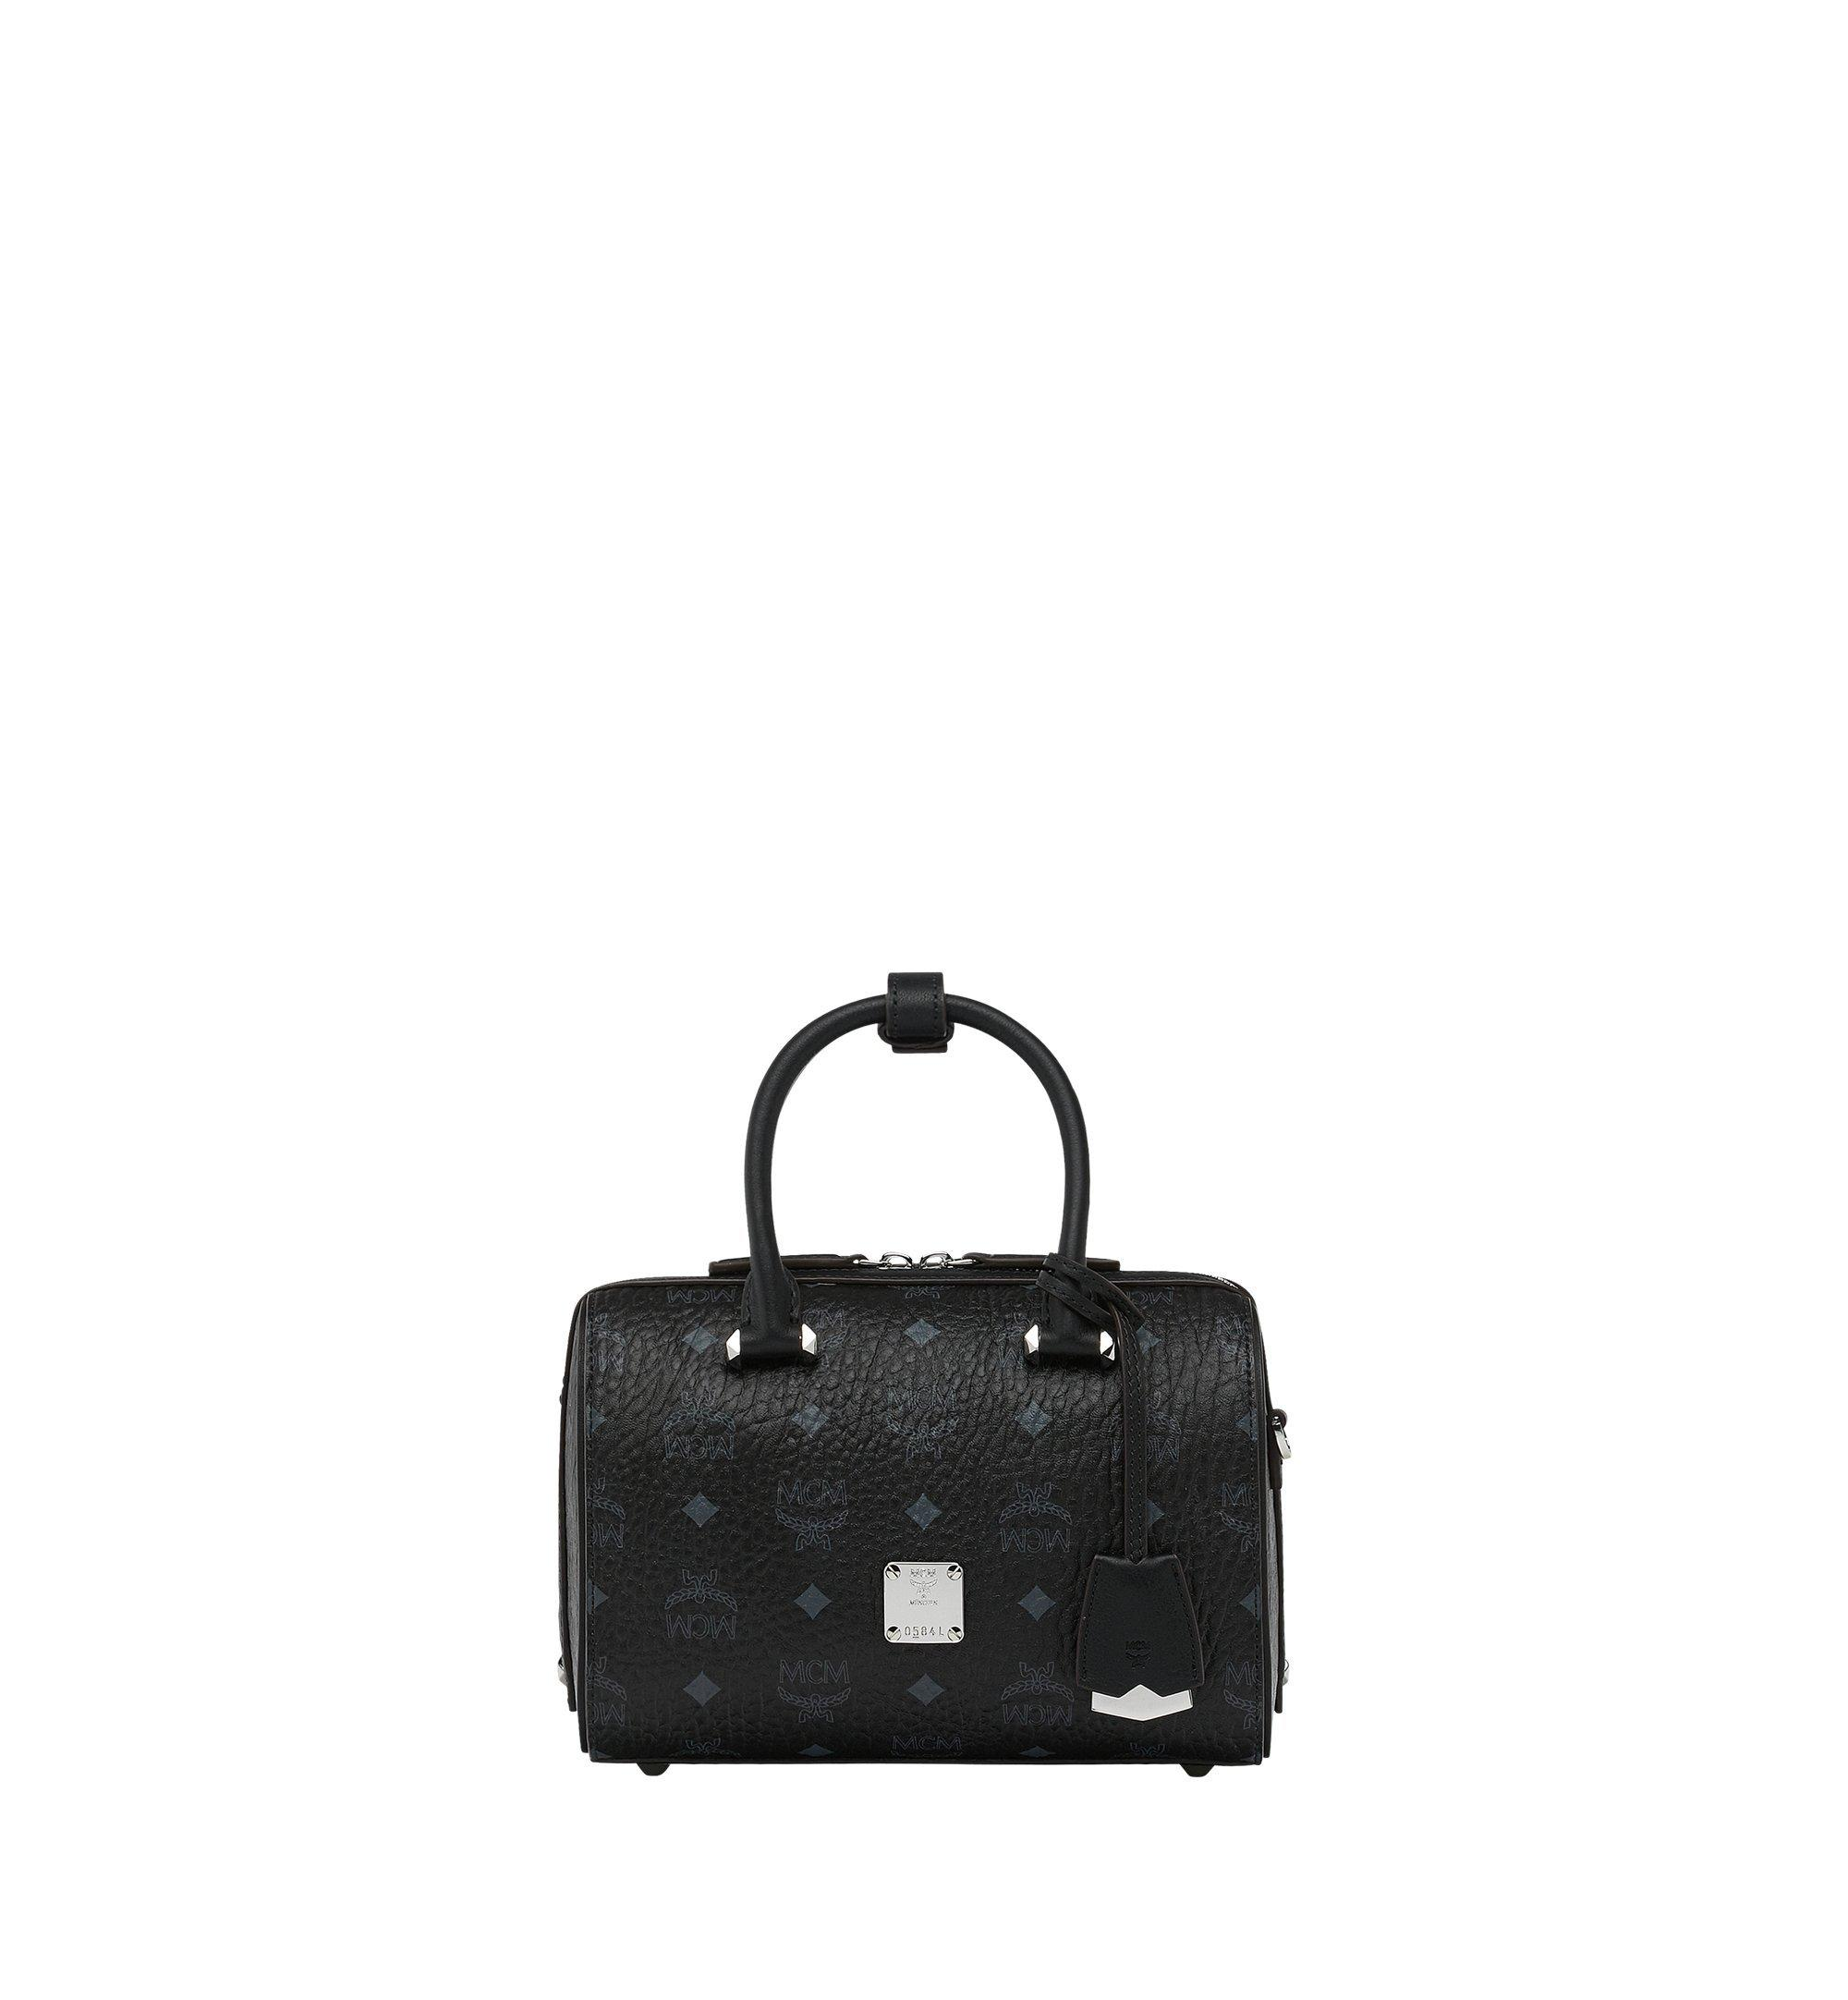 MCM Essential Boston-Tasche in Visetos Black MWB9SSE67BK001 Noch mehr sehen 1